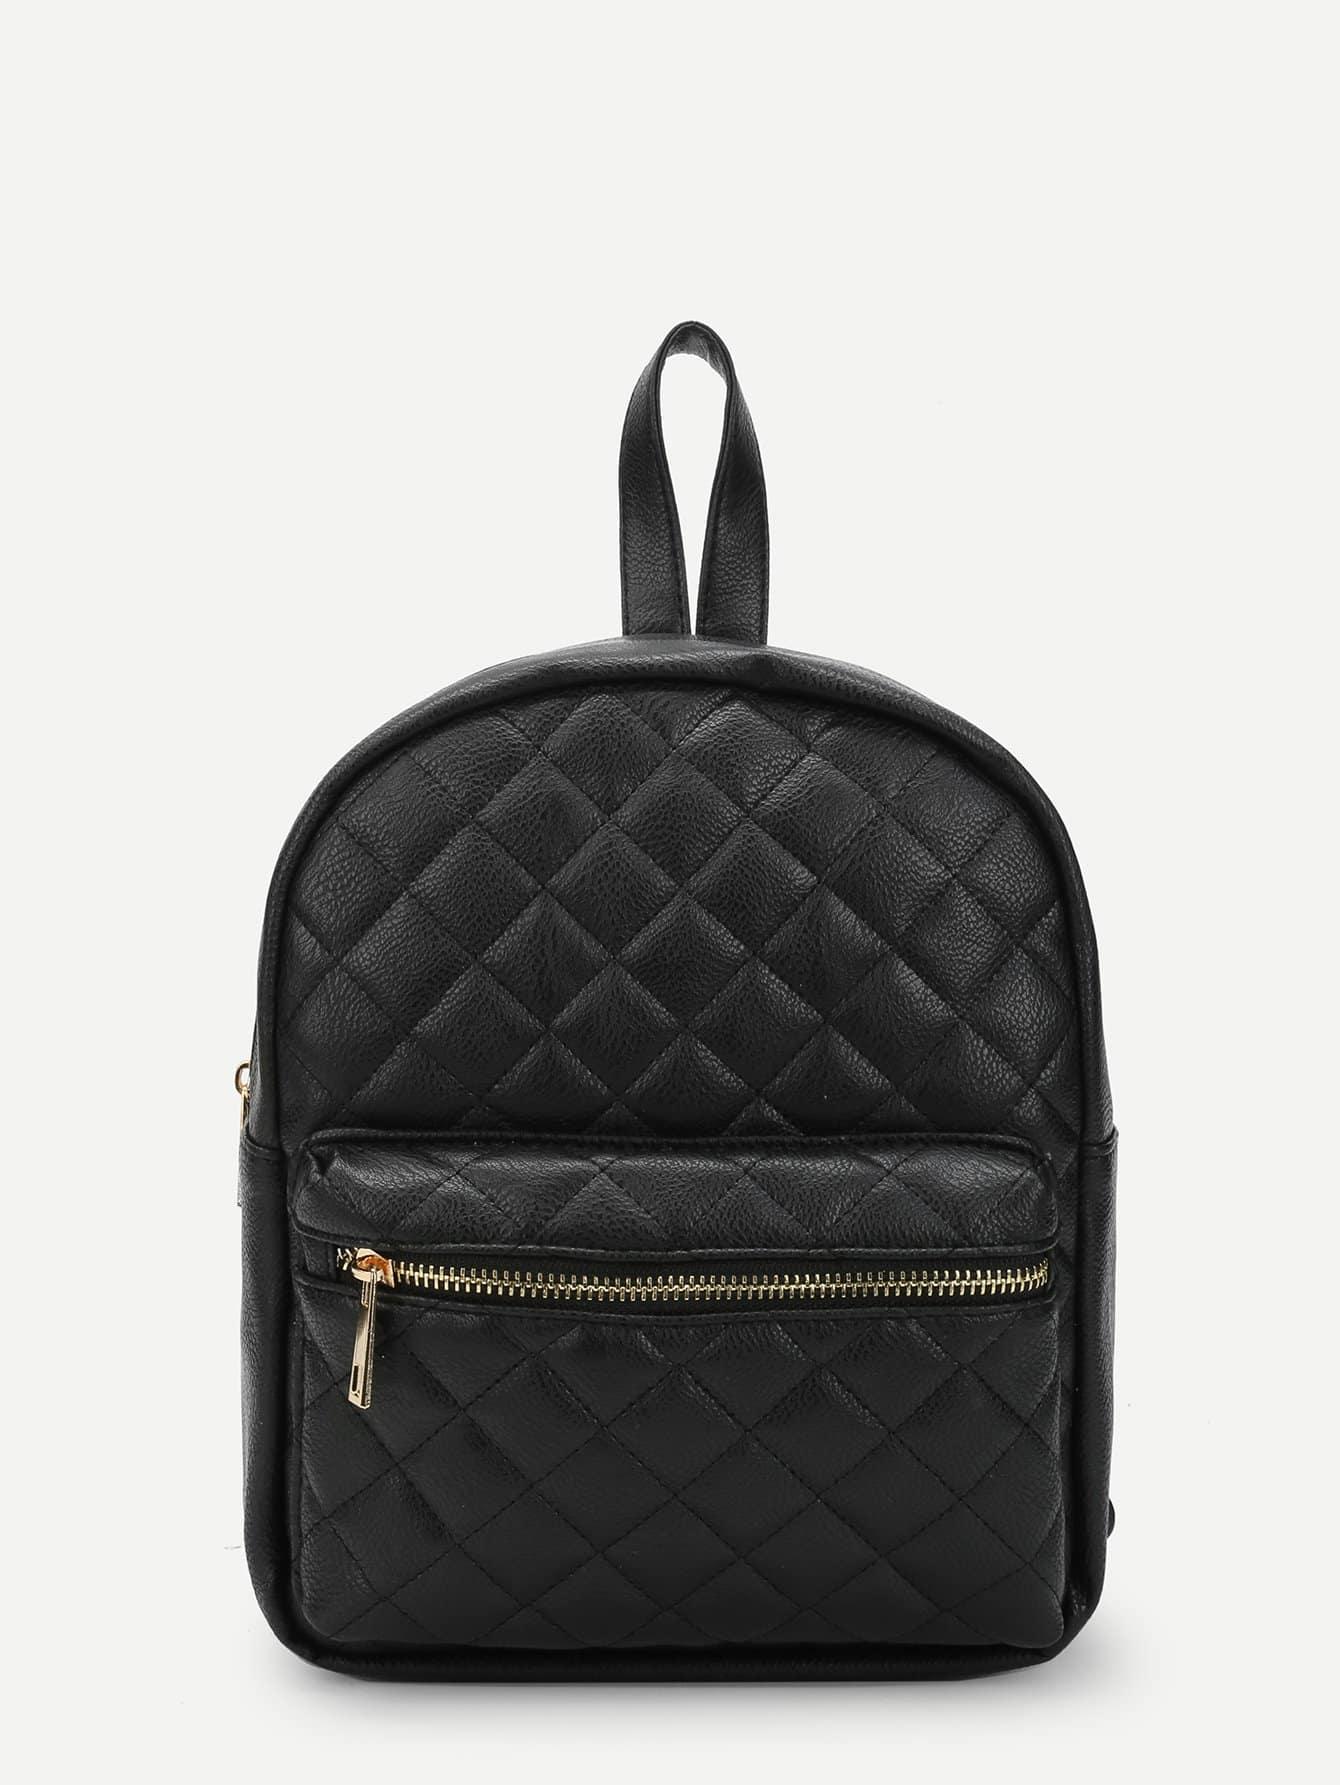 Quilted Pocket Front Backpacks Bag heart decor zipper front backpacks bag